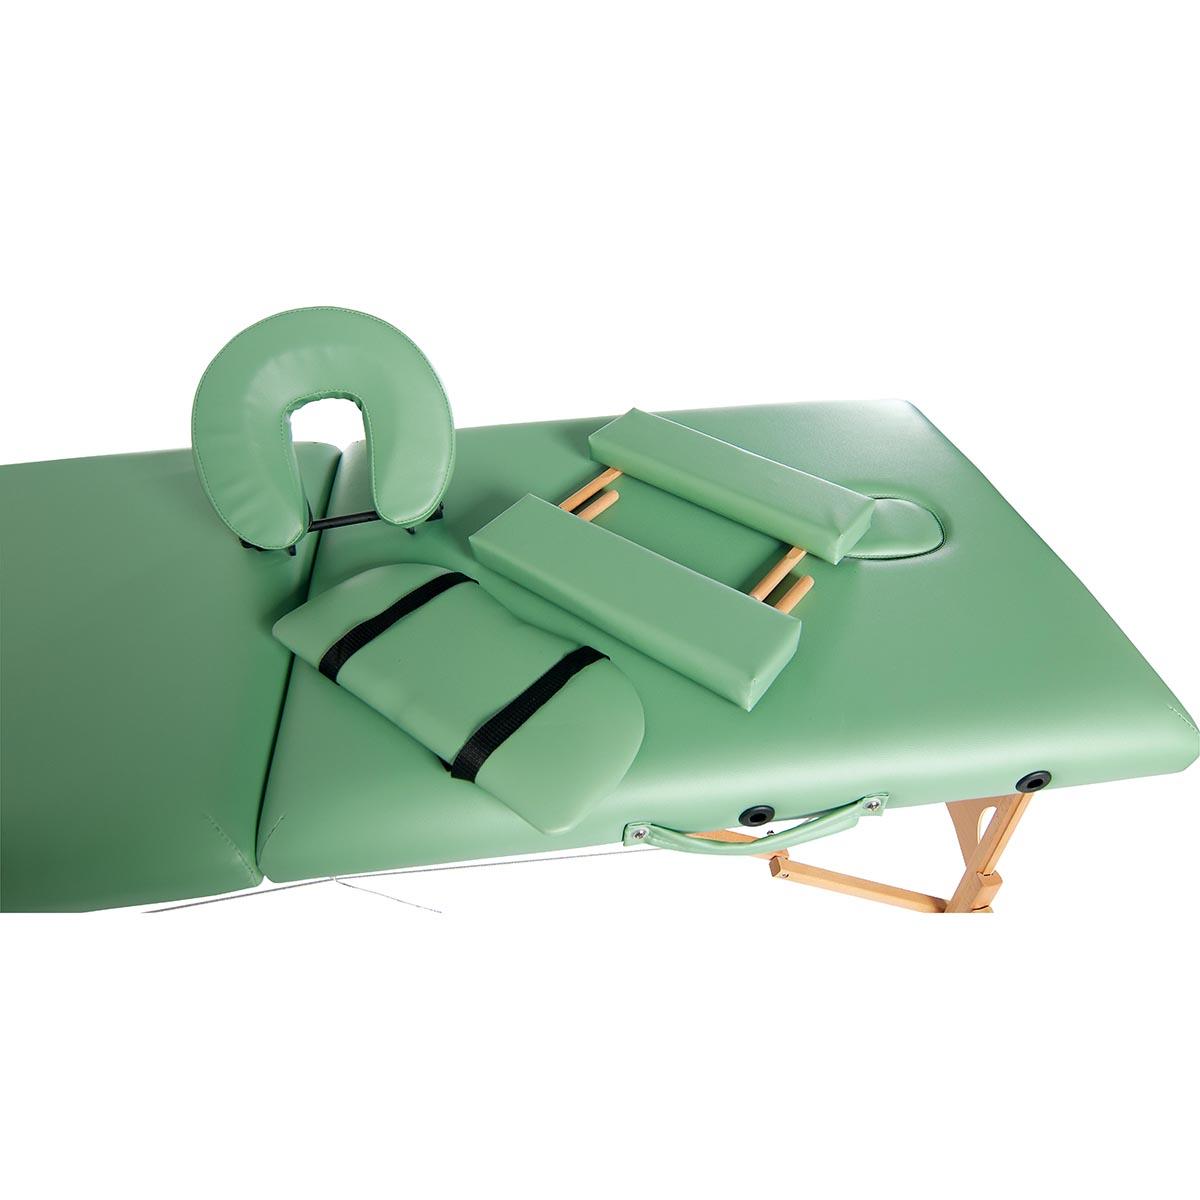 Lettino per massaggi in legno, modello base - verde - W60601G - sedie e lettini per i massaggi ...